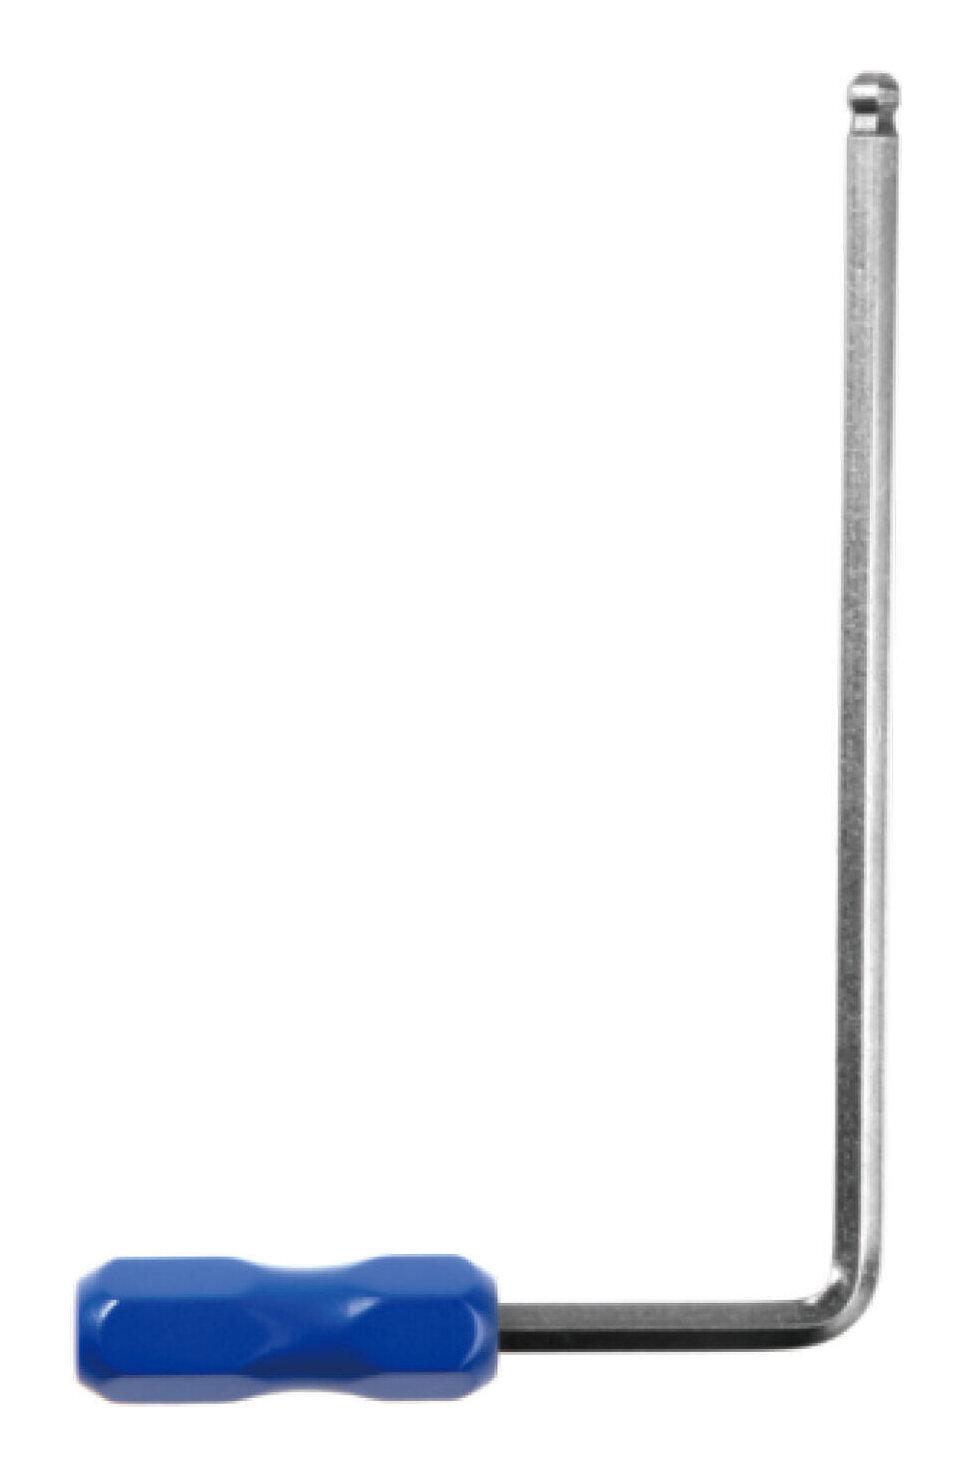 MUSIC NOMAD MN236 5mm トラスロッドレンチ Martin マーチン他用【メール便発送・全国送料無料・代金引換不可】【smtb-TK】